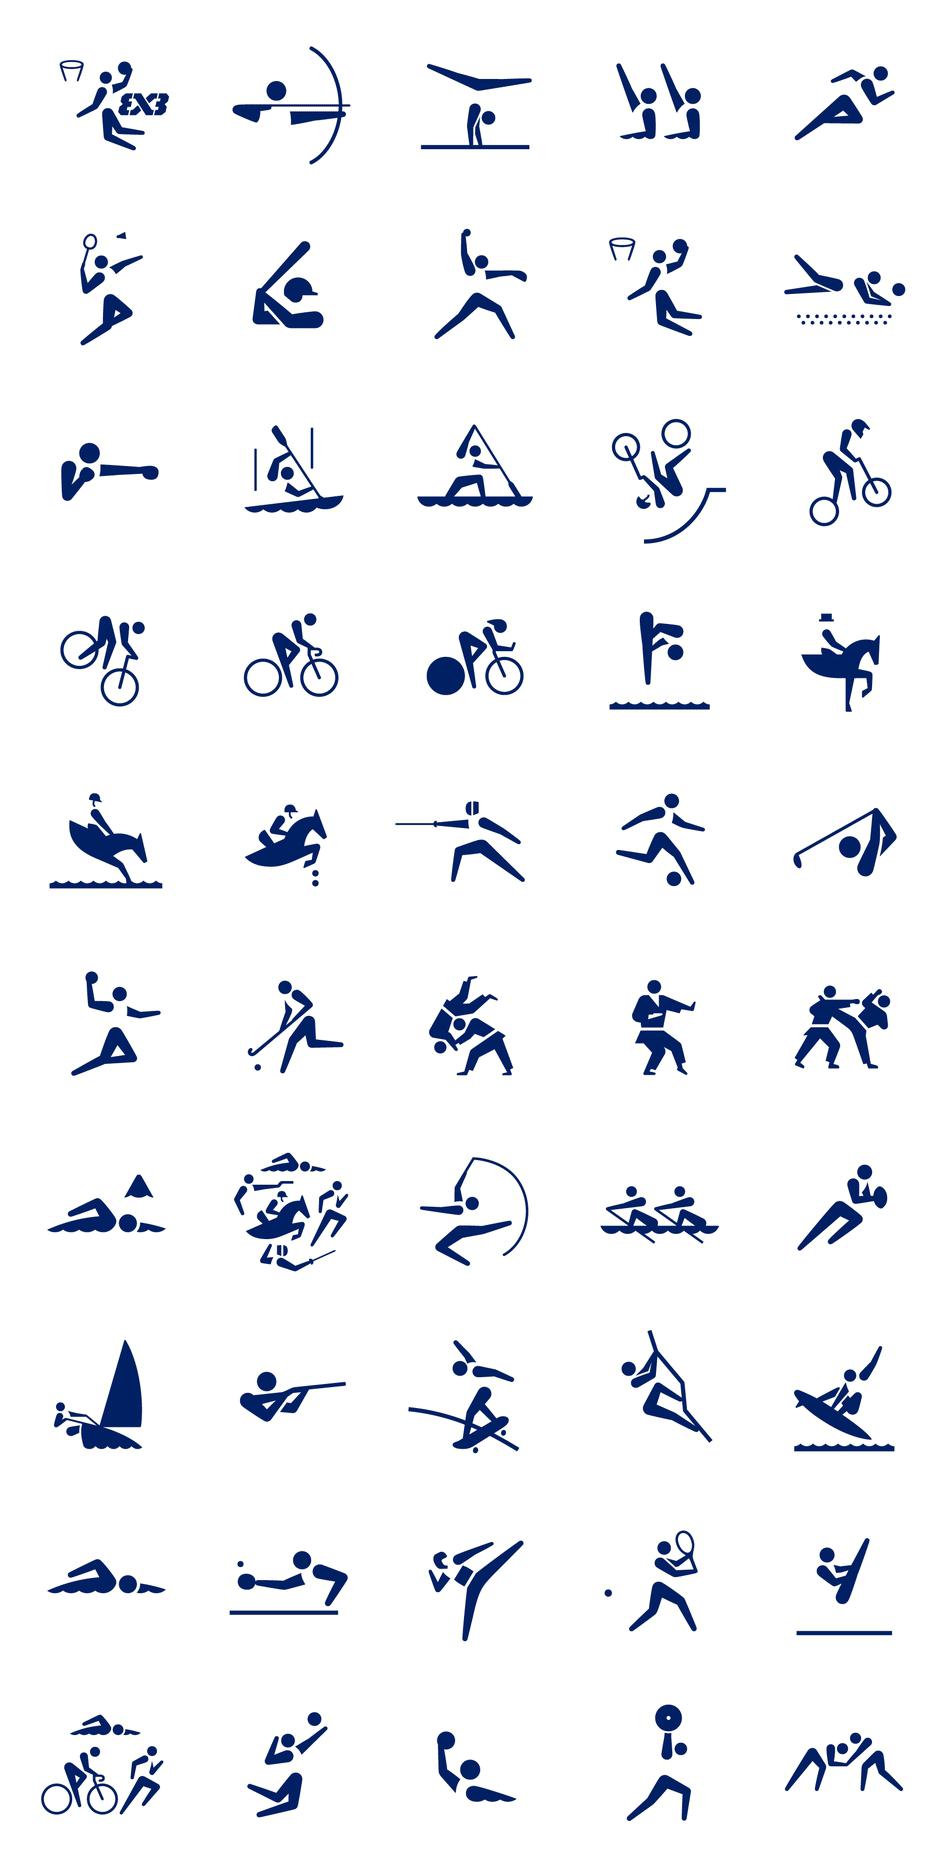 激發人民熱情!東京奧運會體育圖標ICON正式發布(附歷屆圖標ICON) Tatuagem de corredor